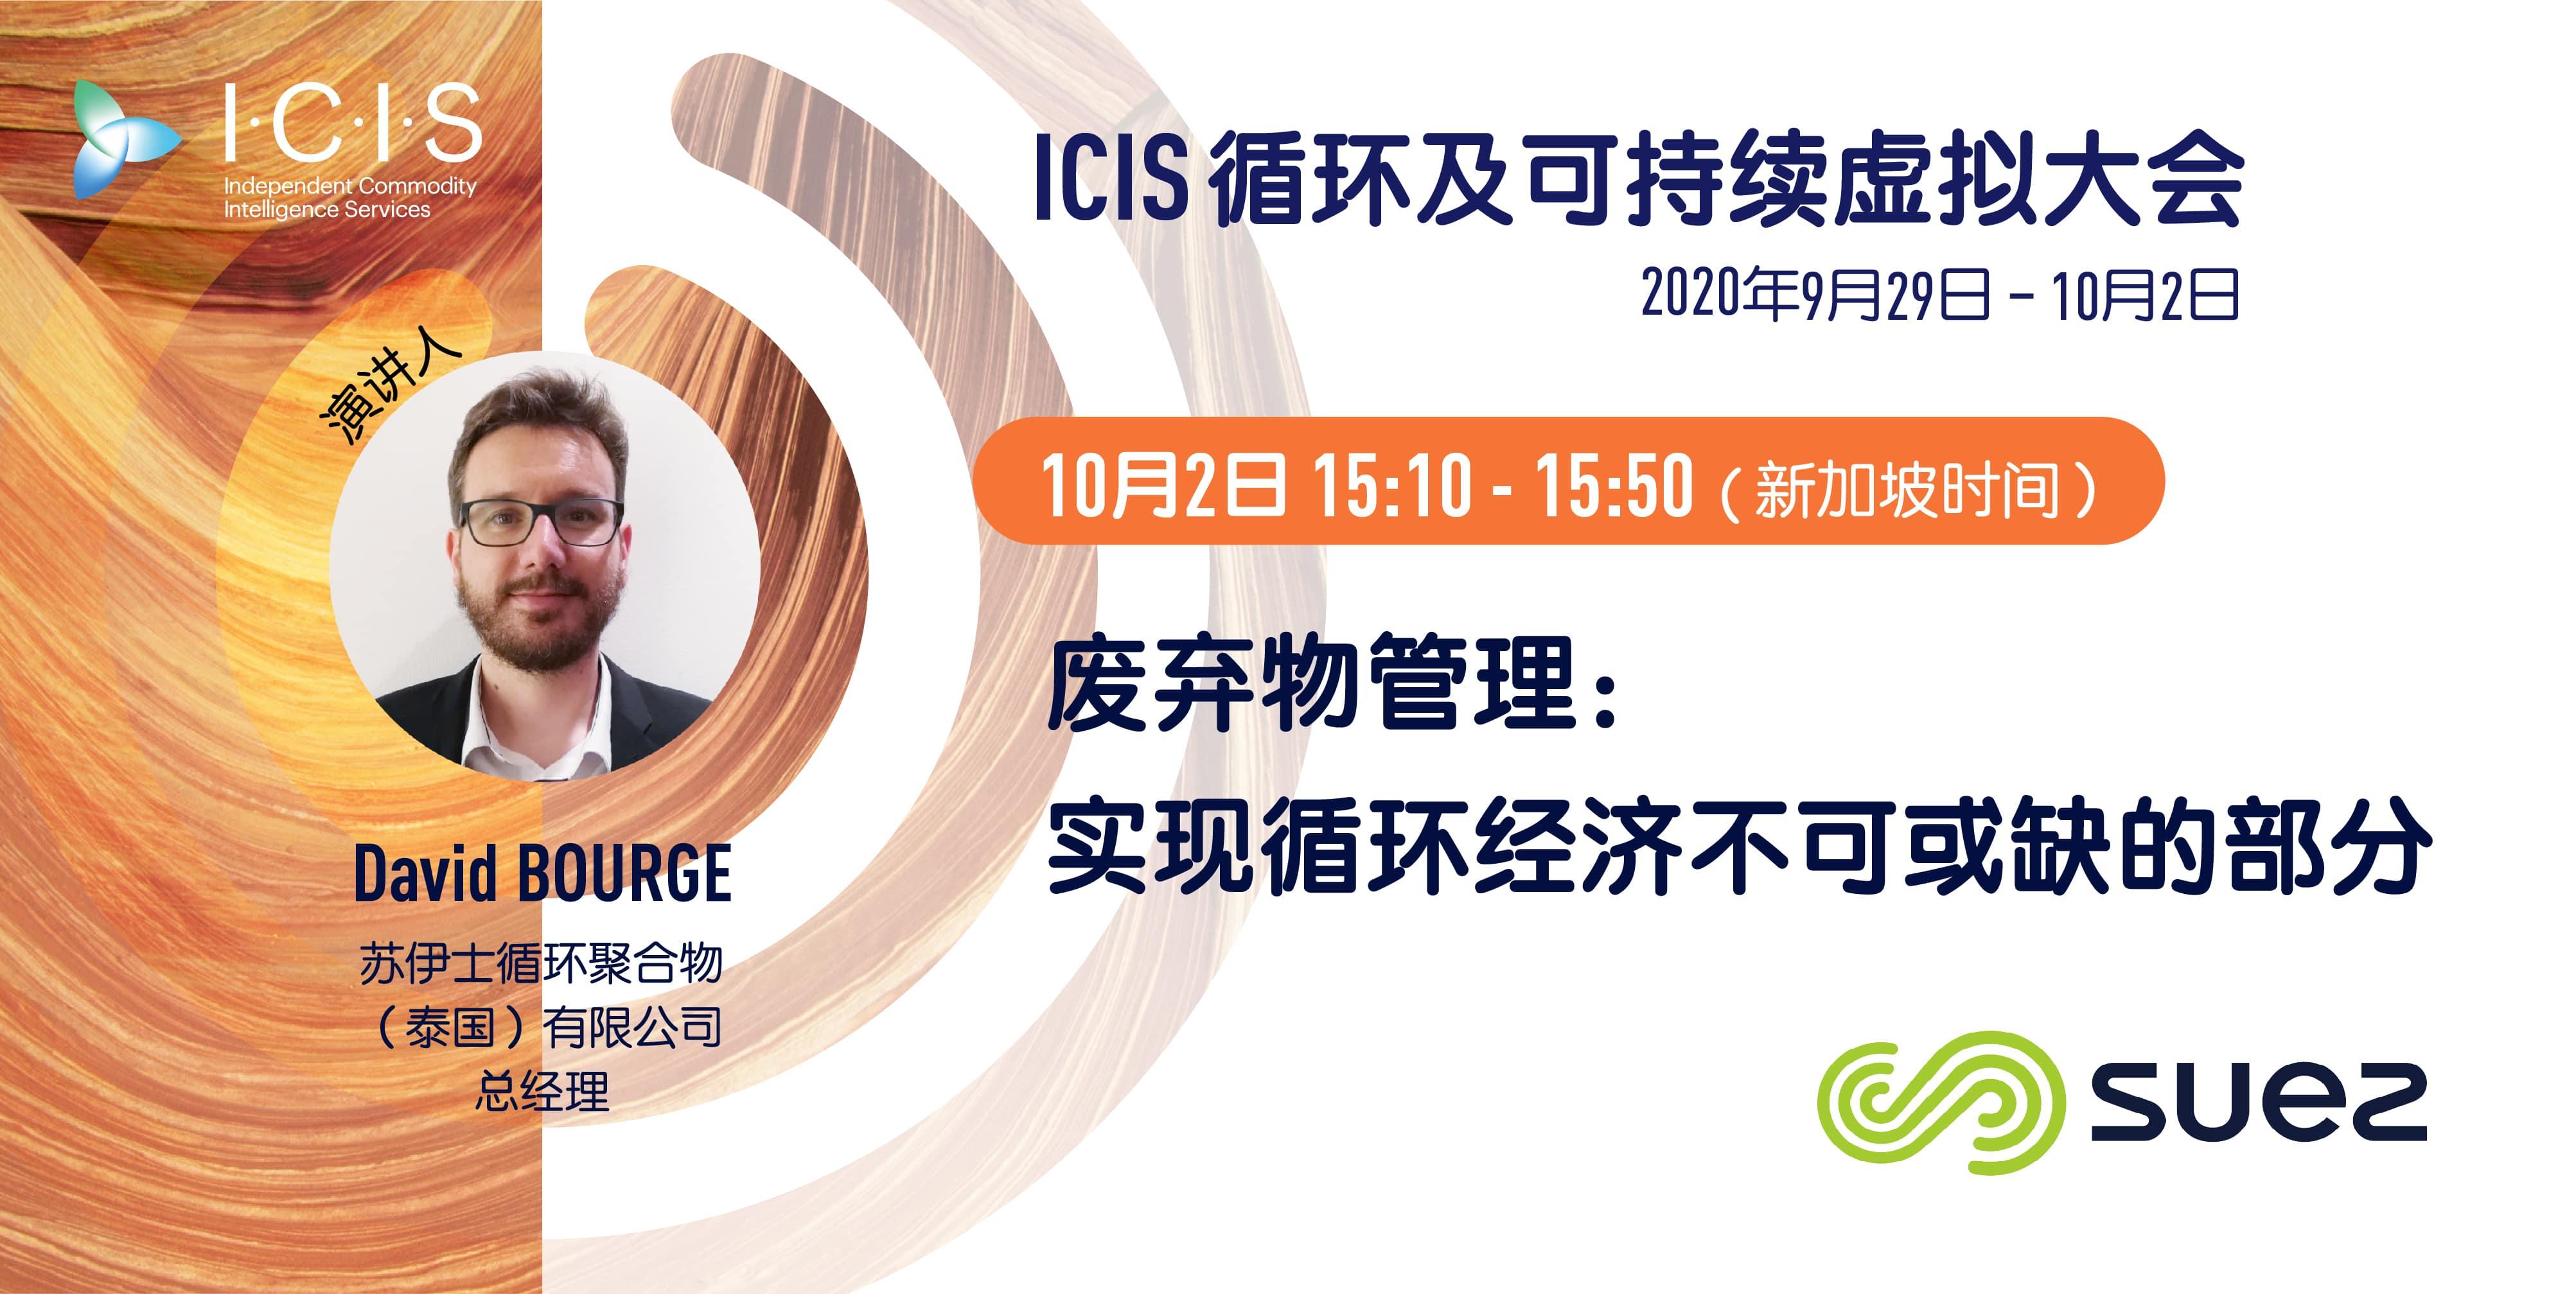 ICIS_ICIS_SCN